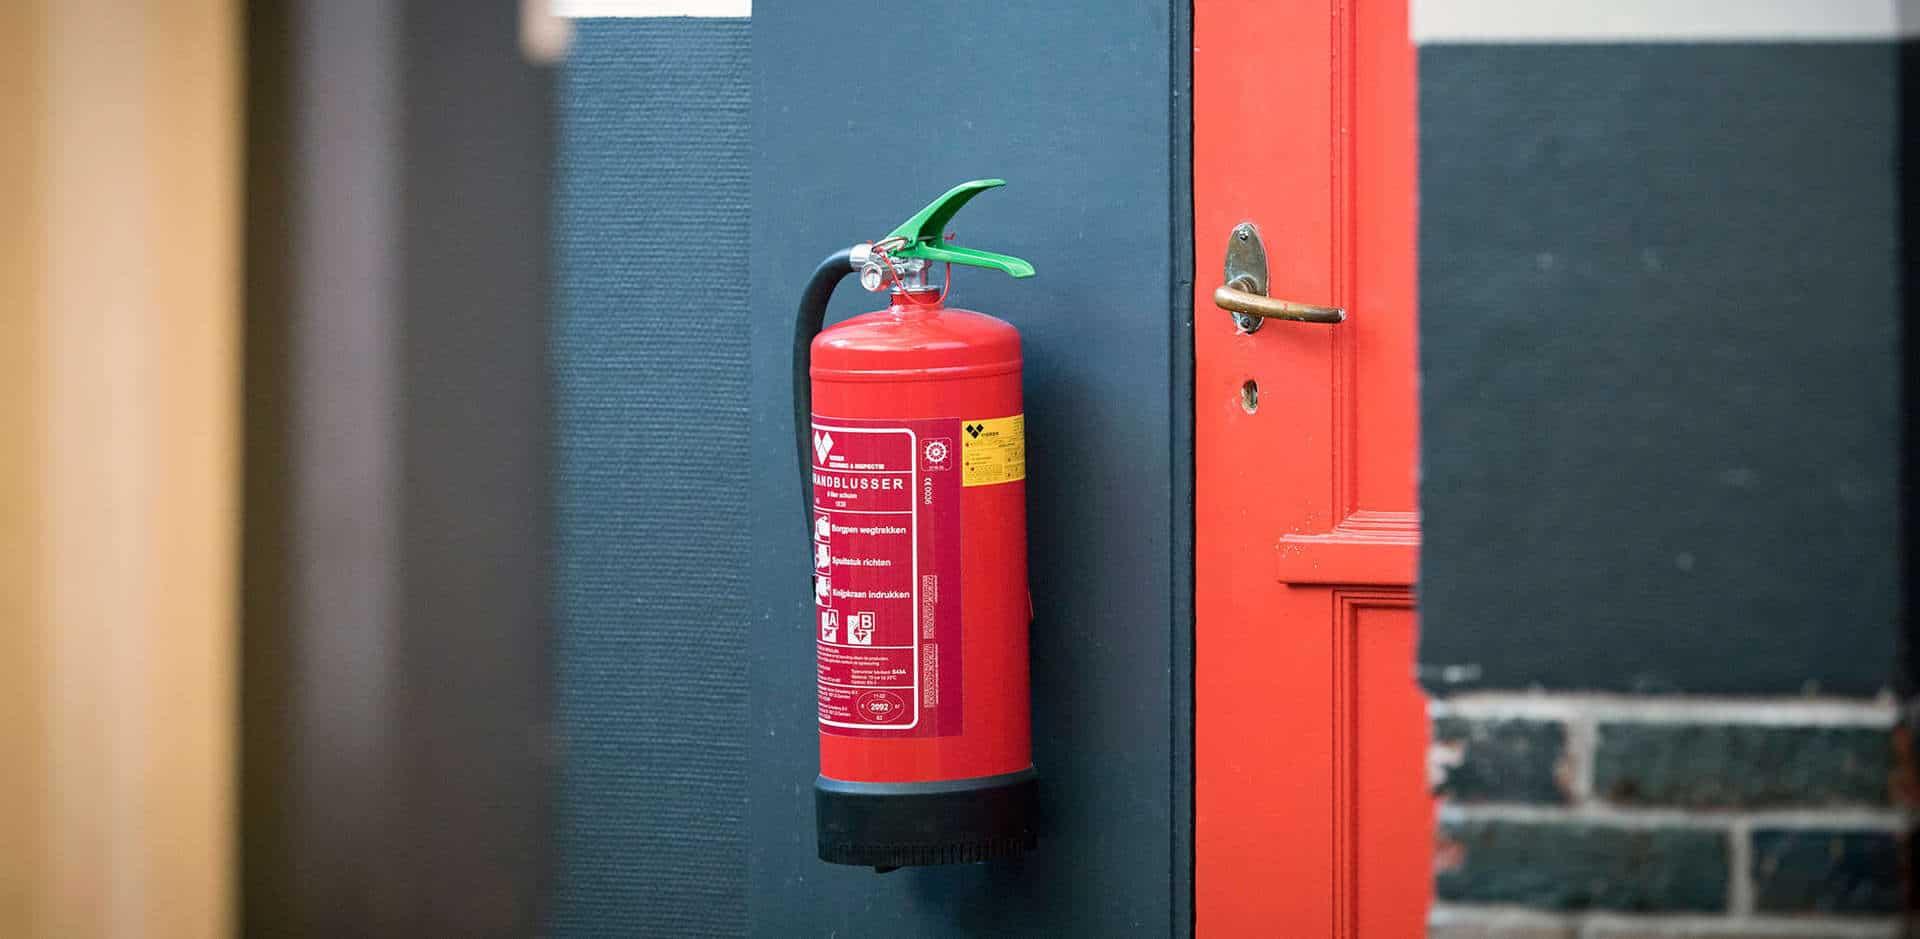 Overname onderhoud blusmiddelen door Brandpreventie Groep